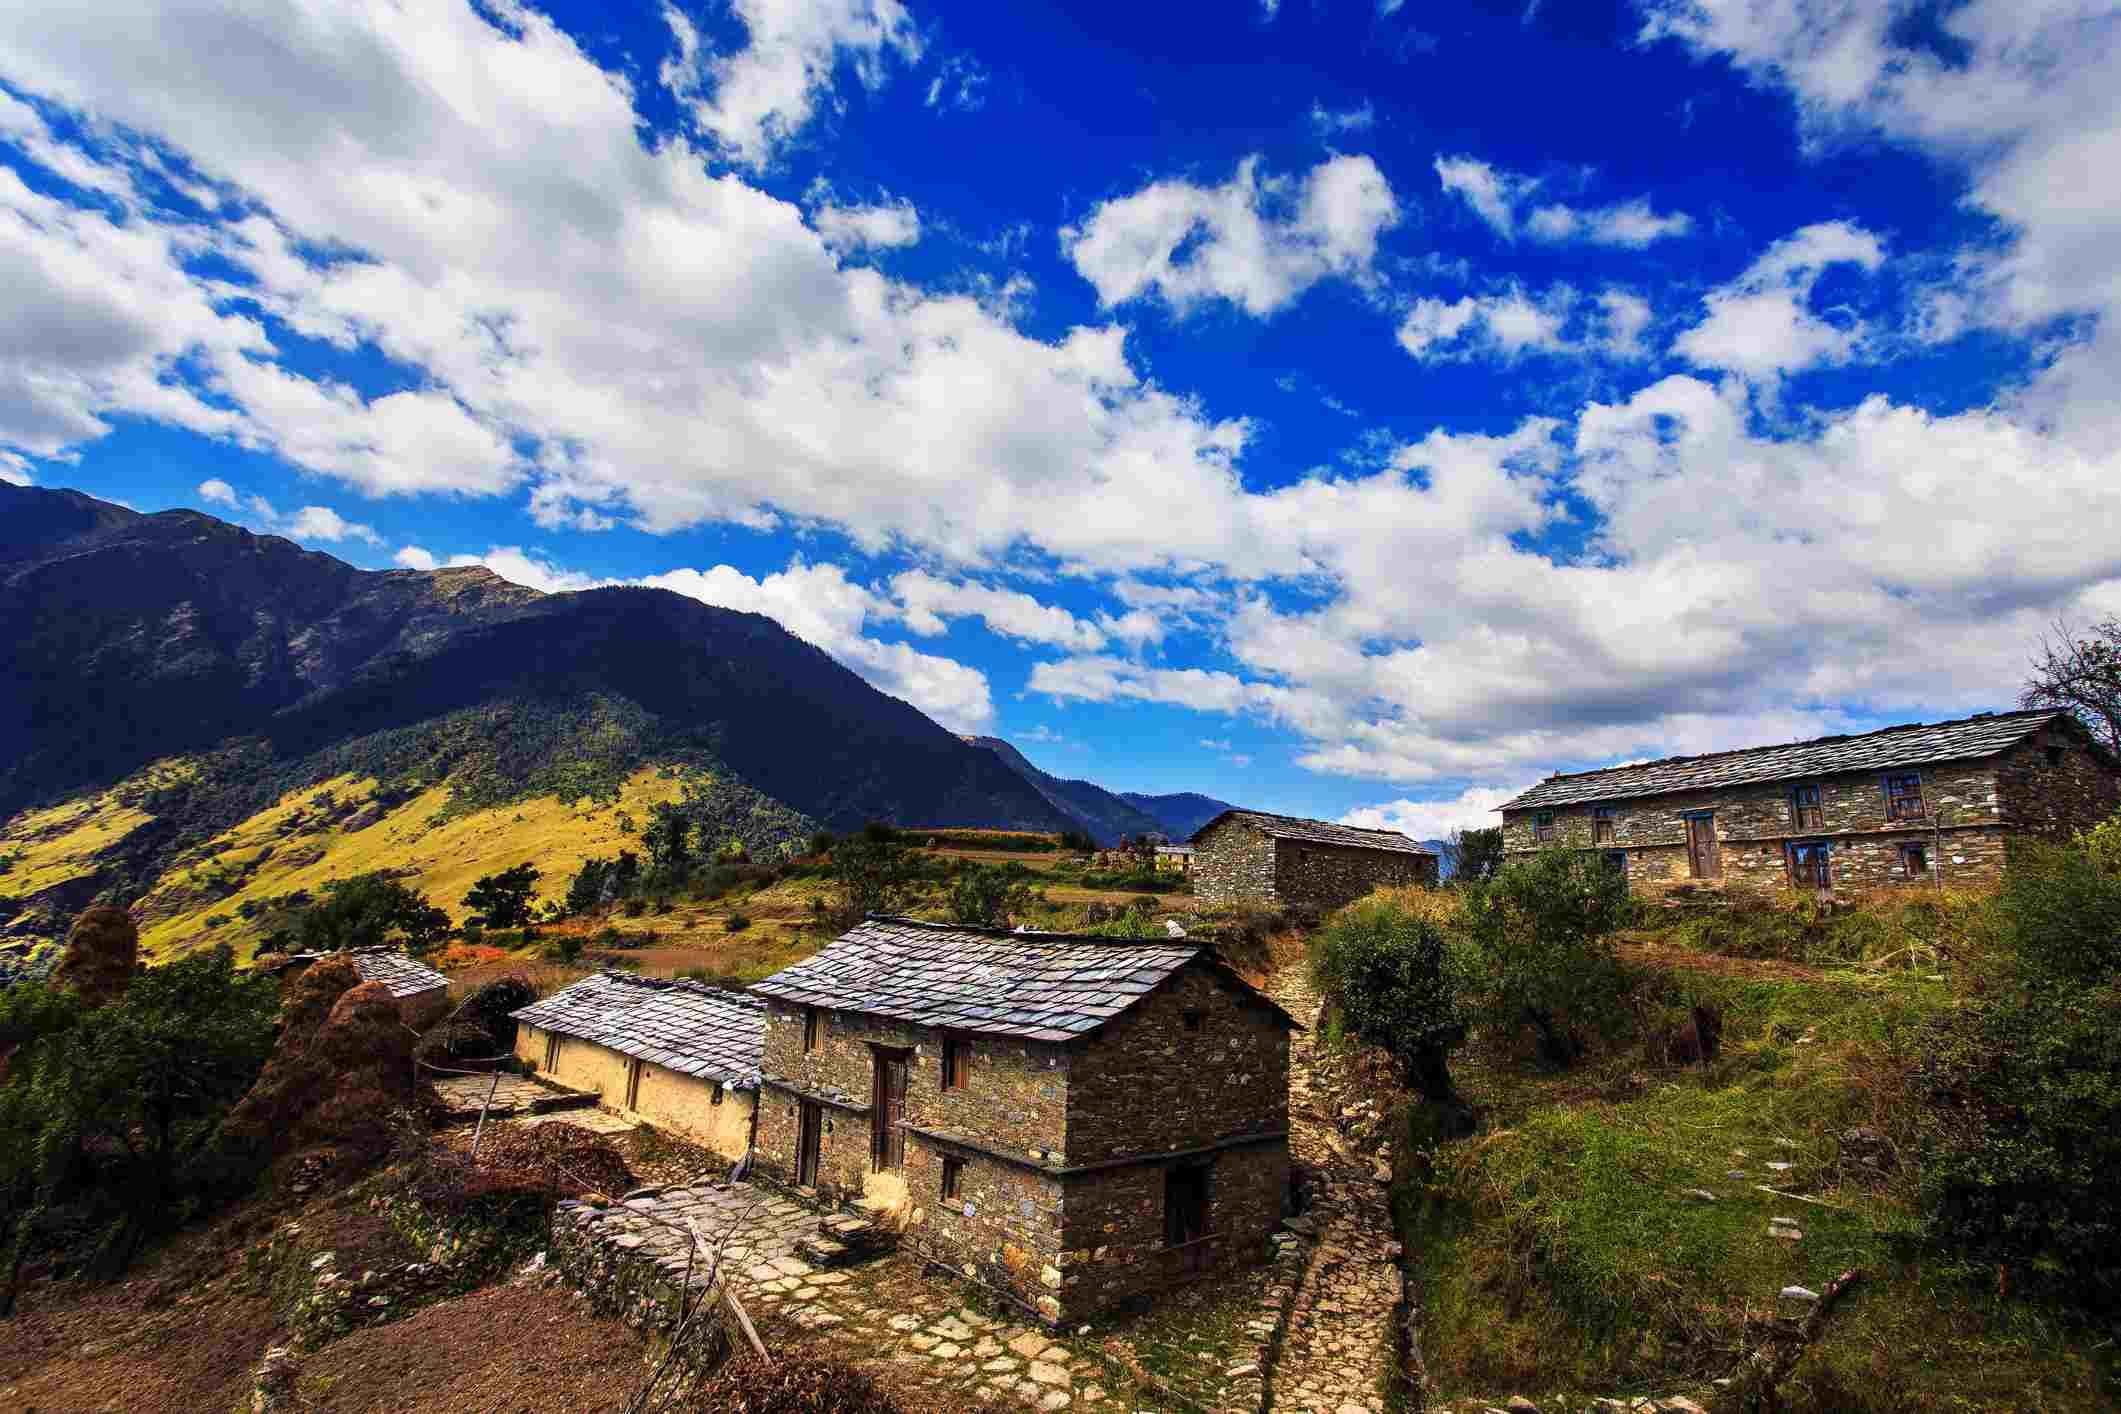 Village in Uttarakhand.